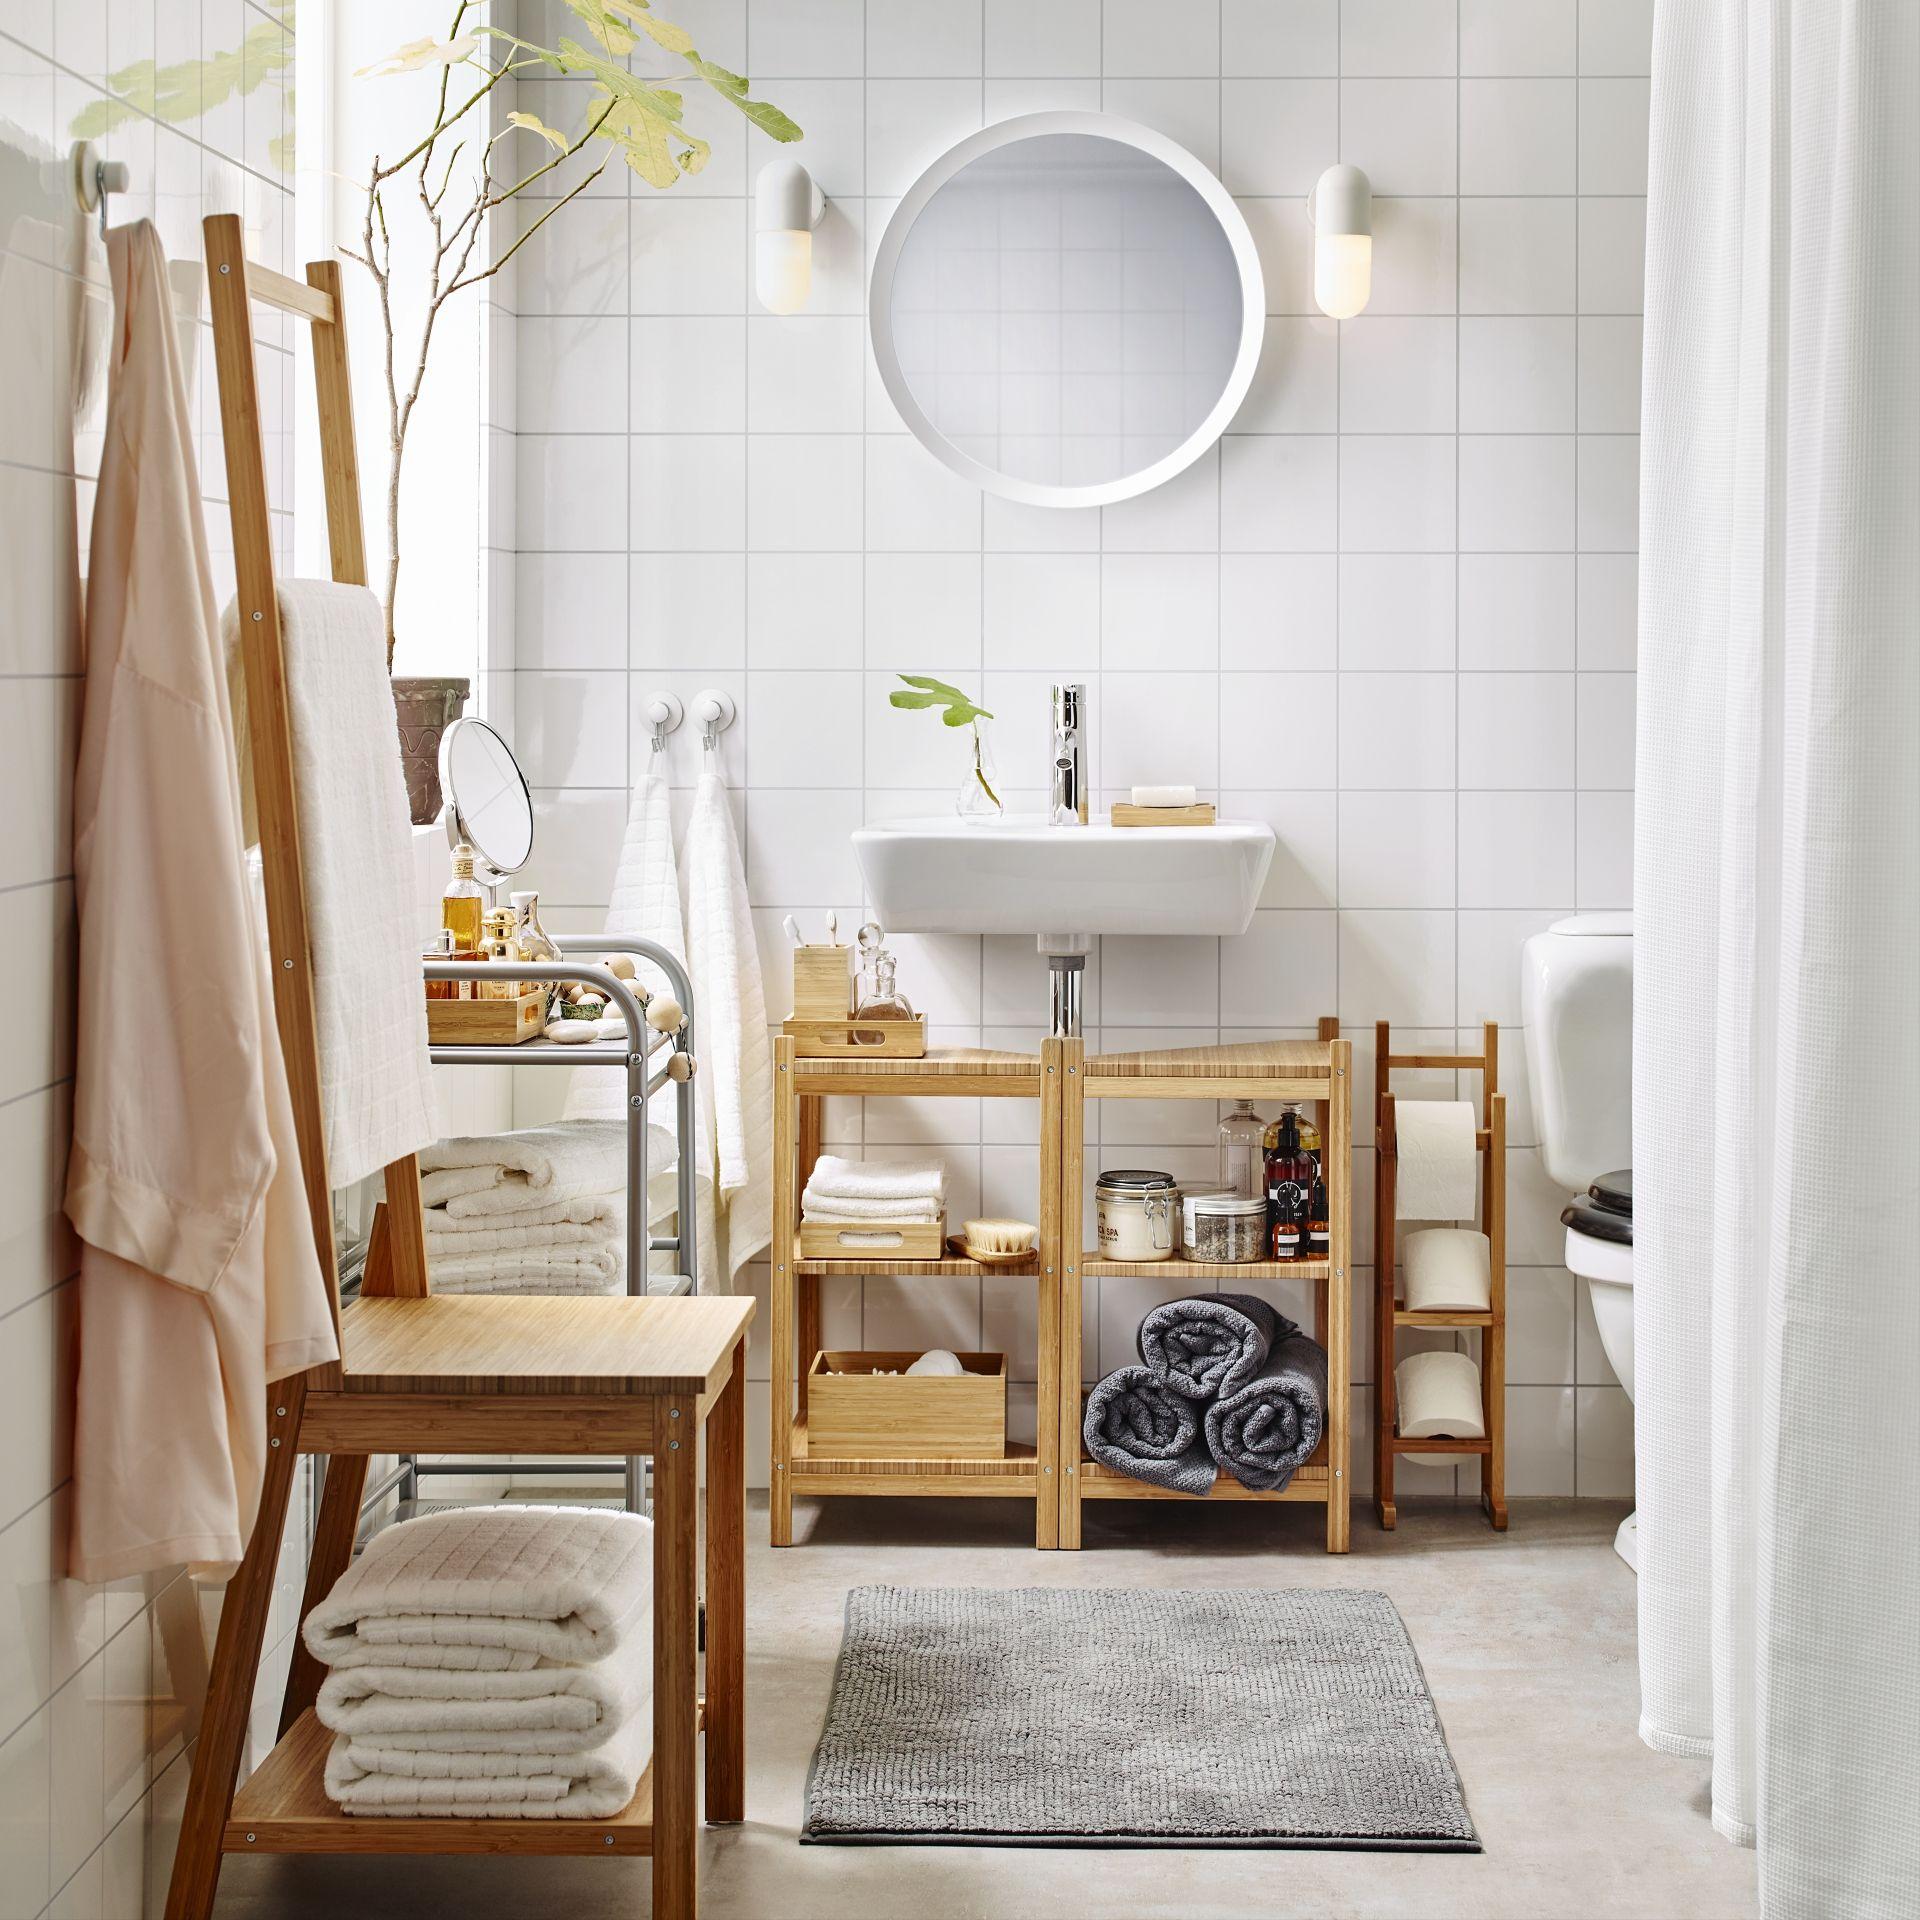 RÅGRUND open hoekkast | #IKEA #IKEAnl #inspiratie #wooninspiratie ...